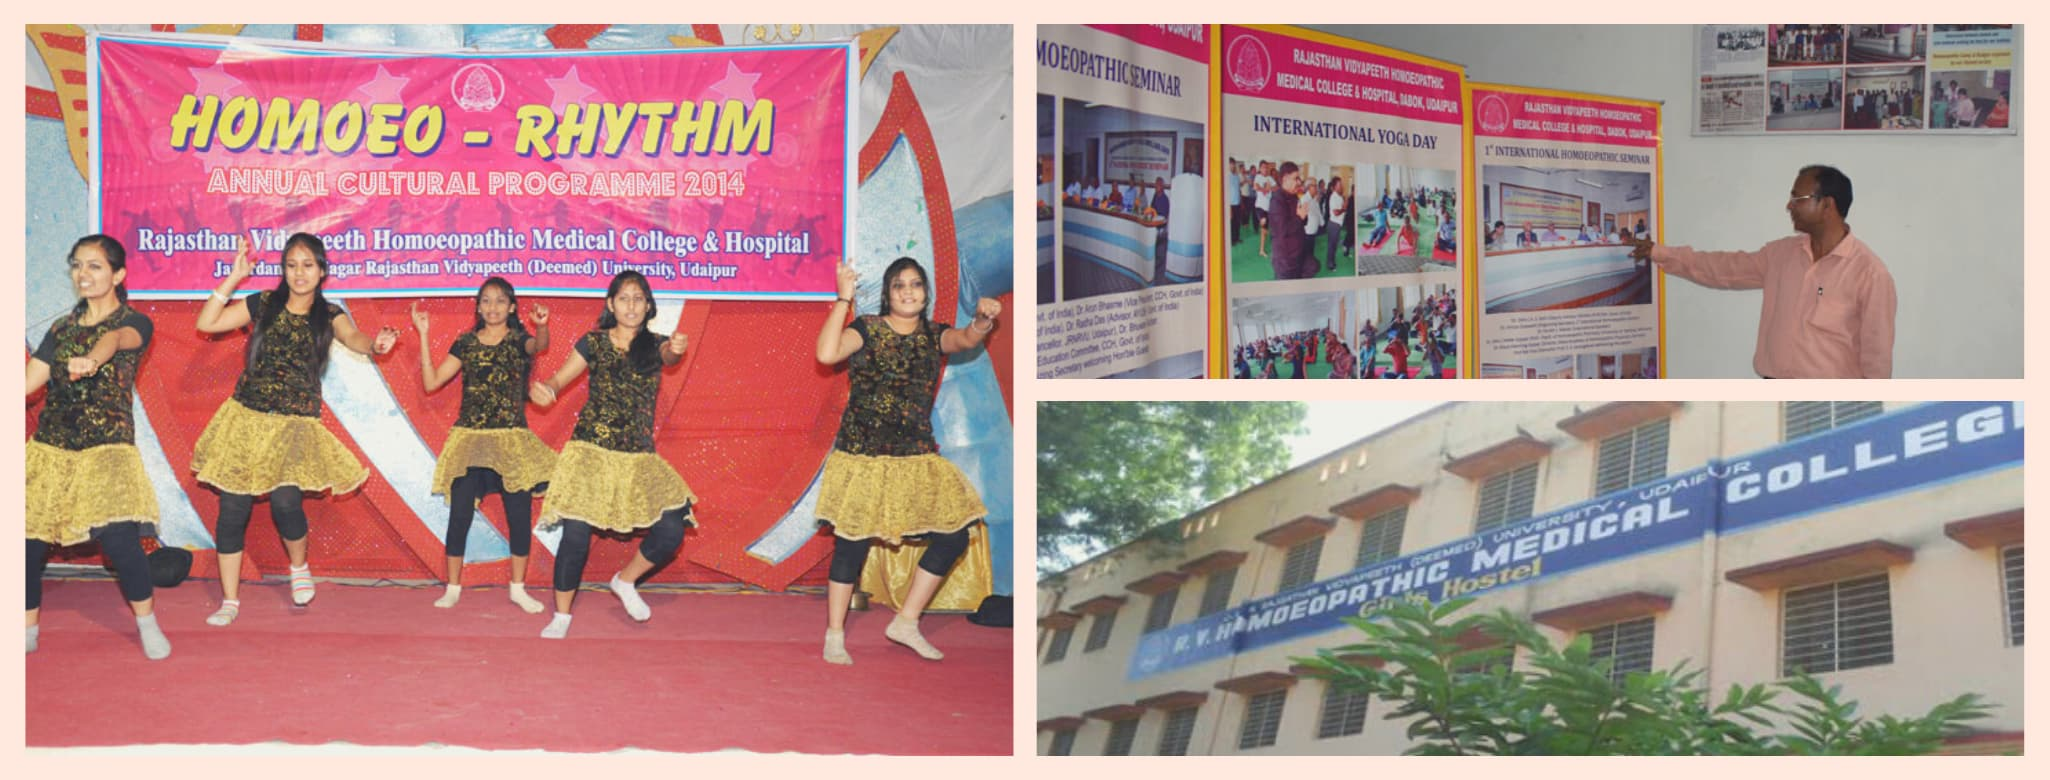 Rajasthan Vidyapeeth Homoeopathic Medical College & Hospital, Udaipur